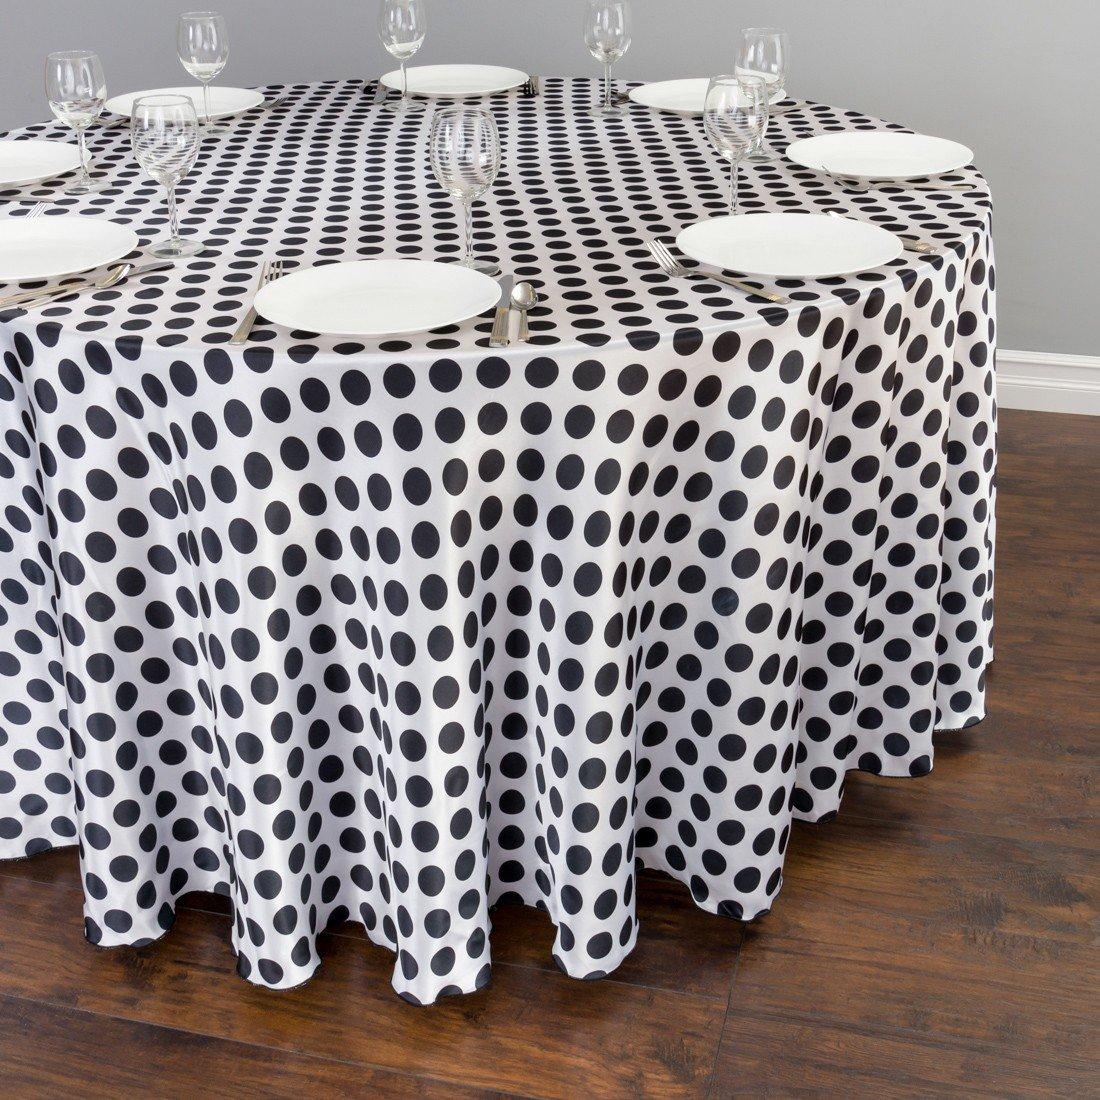 Round Polka Dot Satin Tablecloth White / Black: Home U0026 Kitchen